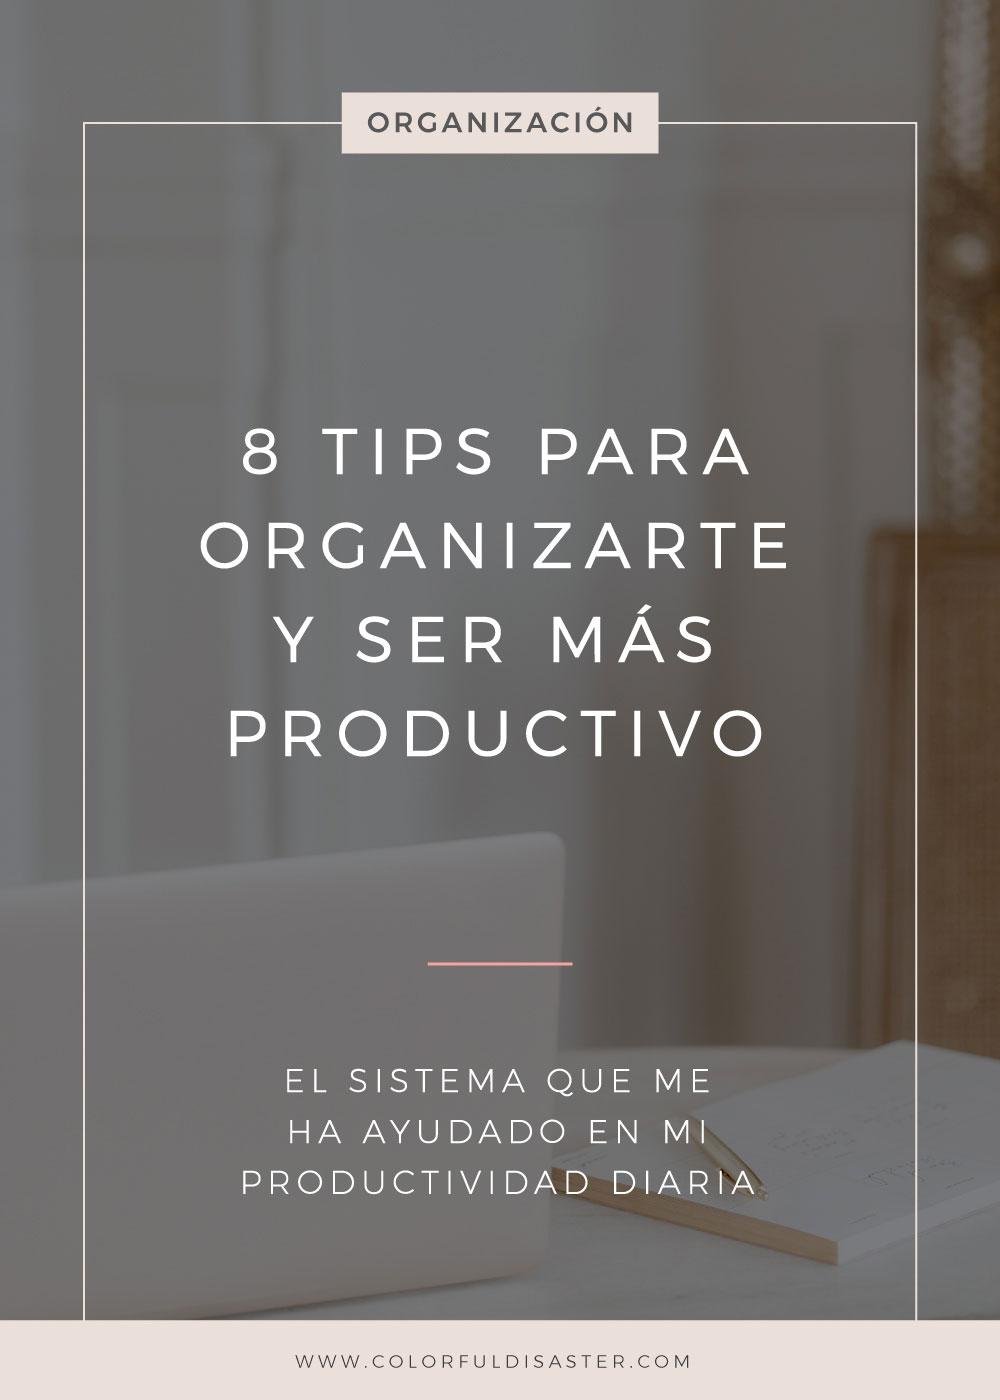 8 tips para organizarte y ser más productivo